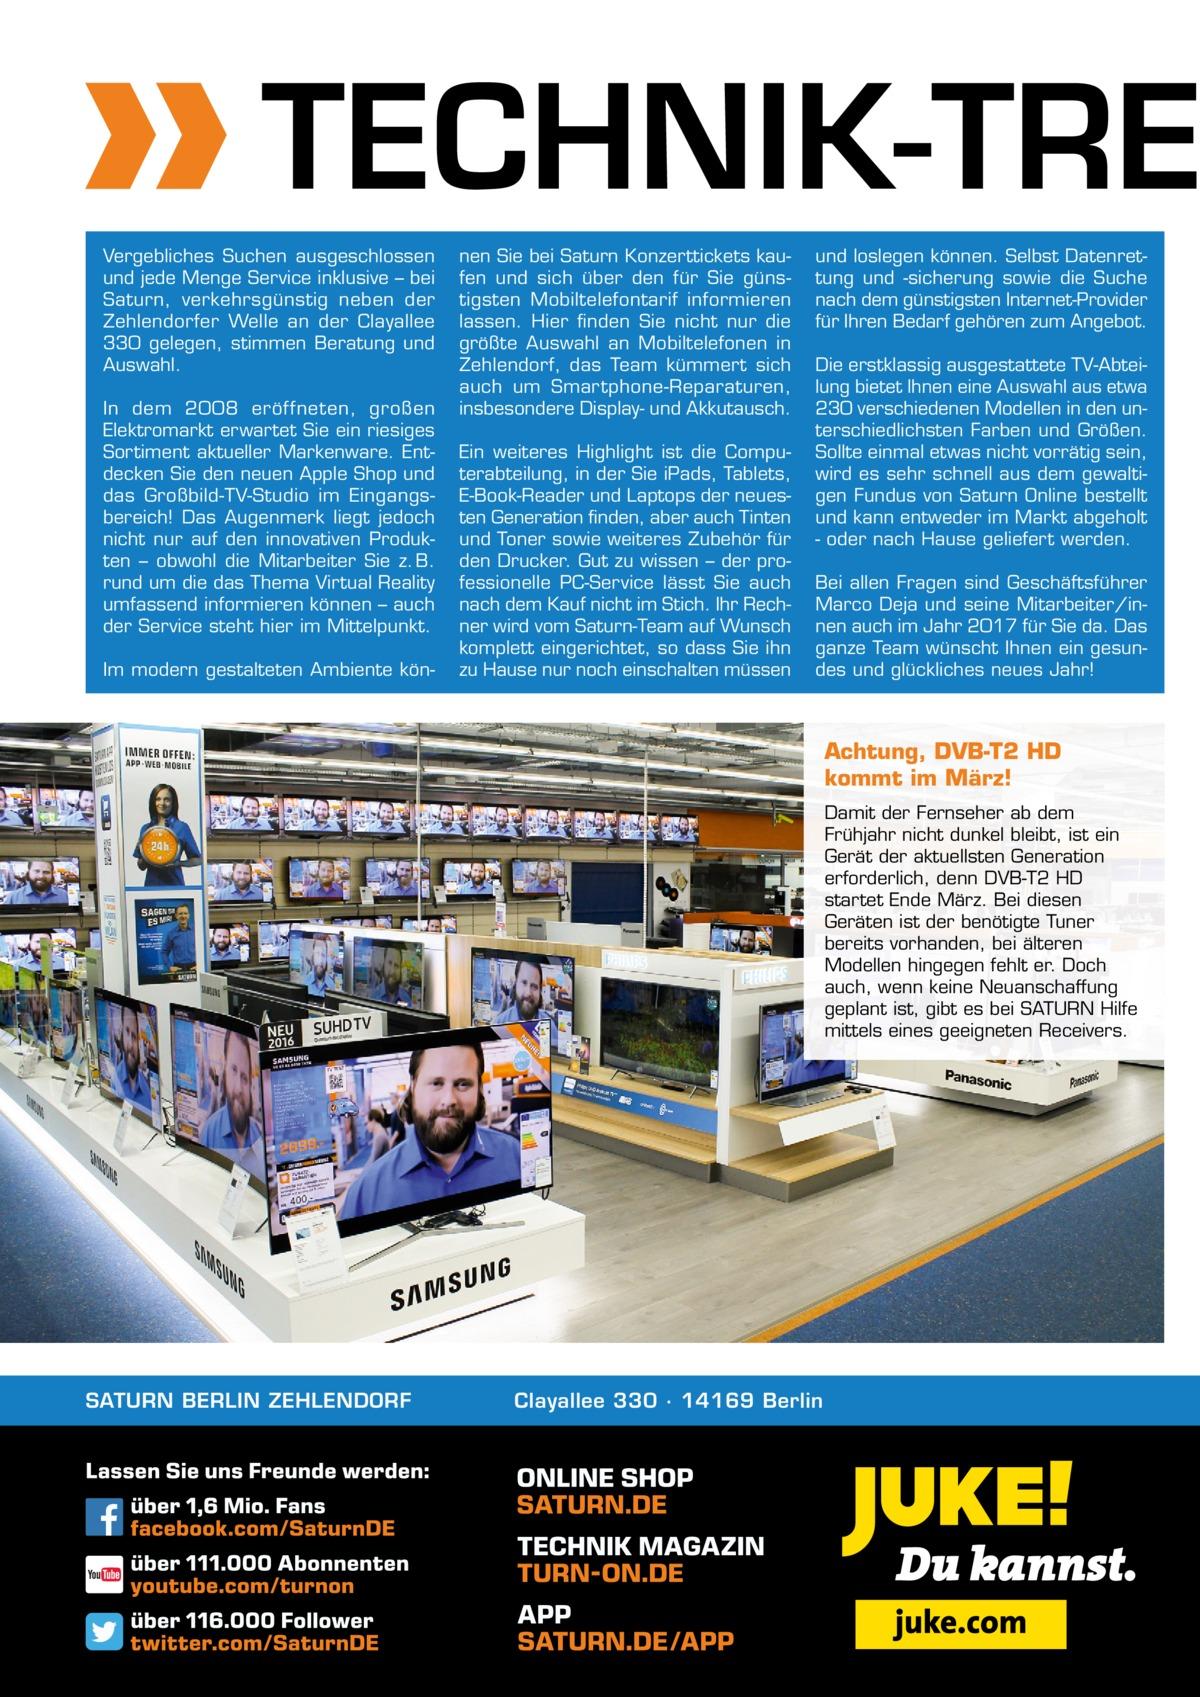 TECHNIK-TRE Vergebliches Suchen ausgeschlossen und jede Menge Service inklusive – bei Saturn, verkehrsgünstig neben der Zehlendorfer Welle an der Clayallee 330 gelegen, stimmen Beratung und Auswahl. In dem 2008 eröffneten, großen Elektromarkt erwartet Sie ein riesiges Sortiment aktueller Markenware. Entdecken Sie den neuen Apple Shop und das Großbild-TV-Studio im Eingangsbereich! Das Augenmerk liegt jedoch nicht nur auf den innovativen Produkten – obwohl die Mitarbeiter Sie z. B. rund um die das Thema Virtual Reality umfassend informieren können – auch der Service steht hier im Mittelpunkt. Im modern gestalteten Ambiente kön nen Sie bei Saturn Konzerttickets kaufen und sich über den für Sie günstigsten Mobiltelefontarif informieren lassen. Hier finden Sie nicht nur die größte Auswahl an Mobiltelefonen in Zehlendorf, das Team kümmert sich auch um Smartphone-Reparaturen, insbesondere Display- und Akkutausch. Ein weiteres Highlight ist die Computerabteilung, in der Sie iPads, Tablets, E-Book-Reader und Laptops der neuesten Generation finden, aber auch Tinten und Toner sowie weiteres Zubehör für den Drucker. Gut zu wissen – der professionelle PC-Service lässt Sie auch nach dem Kauf nicht im Stich. Ihr Rechner wird vom Saturn-Team auf Wunsch komplett eingerichtet, so dass Sie ihn zu Hause nur noch einschalten müssen  und loslegen können. Selbst Datenrettung und -sicherung sowie die Suche nach dem günstigsten Internet-Provider für Ihren Bedarf gehören zum Angebot. Die erstklassig ausgestattete TV-Abteilung bietet Ihnen eine Auswahl aus etwa 230 verschiedenen Modellen in den unterschiedlichsten Farben und Größen. Sollte einmal etwas nicht vorrätig sein, wird es sehr schnell aus dem gewaltigen Fundus von Saturn Online bestellt und kann entweder im Markt abgeholt - oder nach Hause geliefert werden. Bei allen Fragen sind Geschäftsführer Marco Deja und seine Mitarbeiter/innen auch im Jahr 2017 für Sie da. Das ganze Team wünscht Ihnen ein gesundes und glückliches neues Jahr!  A